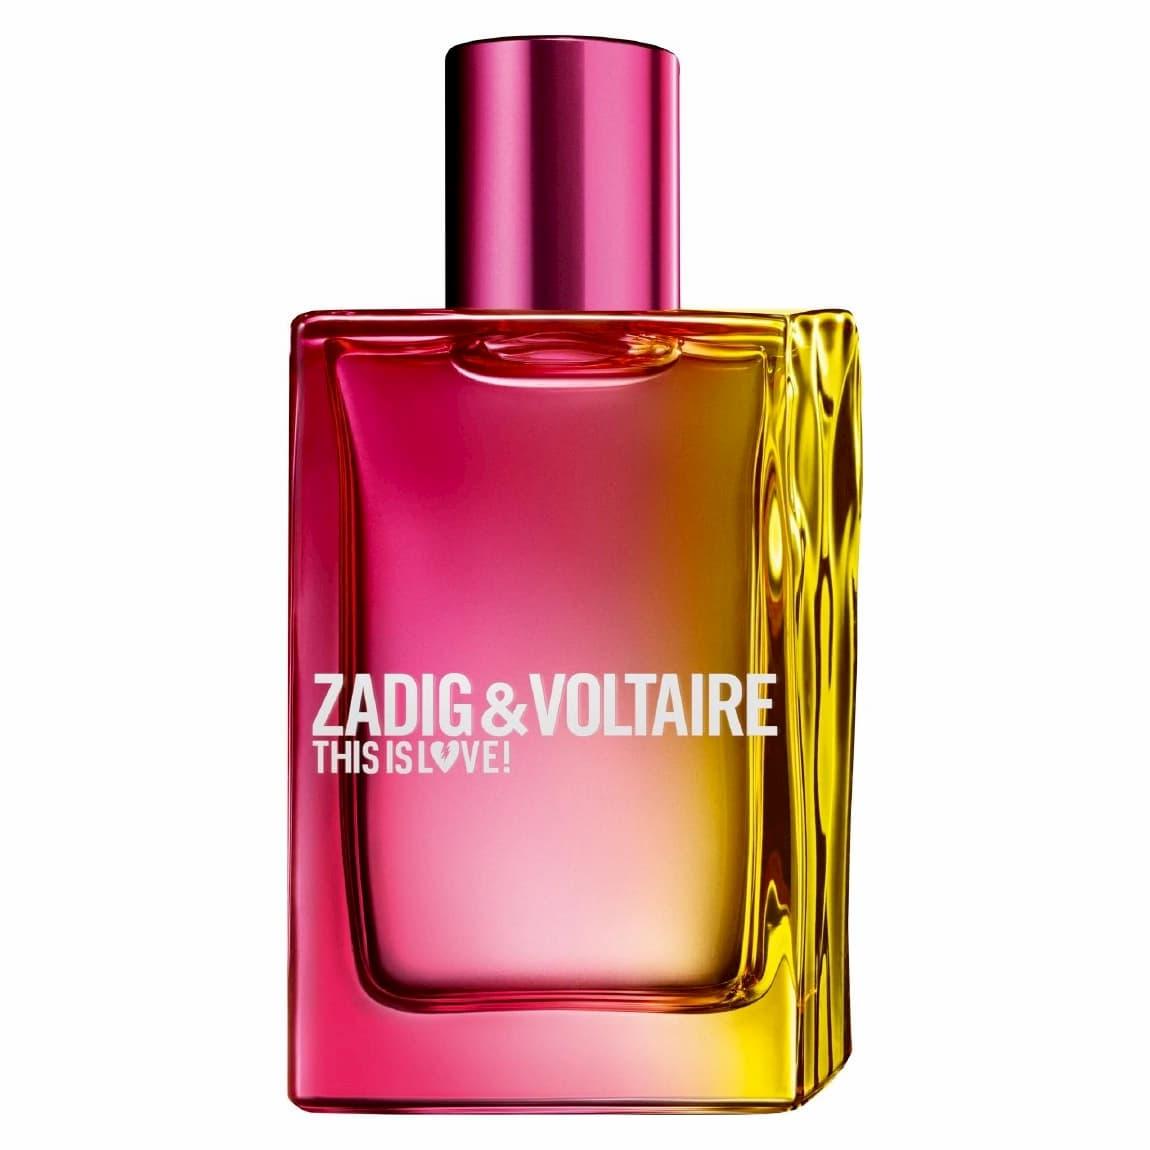 This is love pour elle Eau de parfum - ZADIG & VOLTAIRE